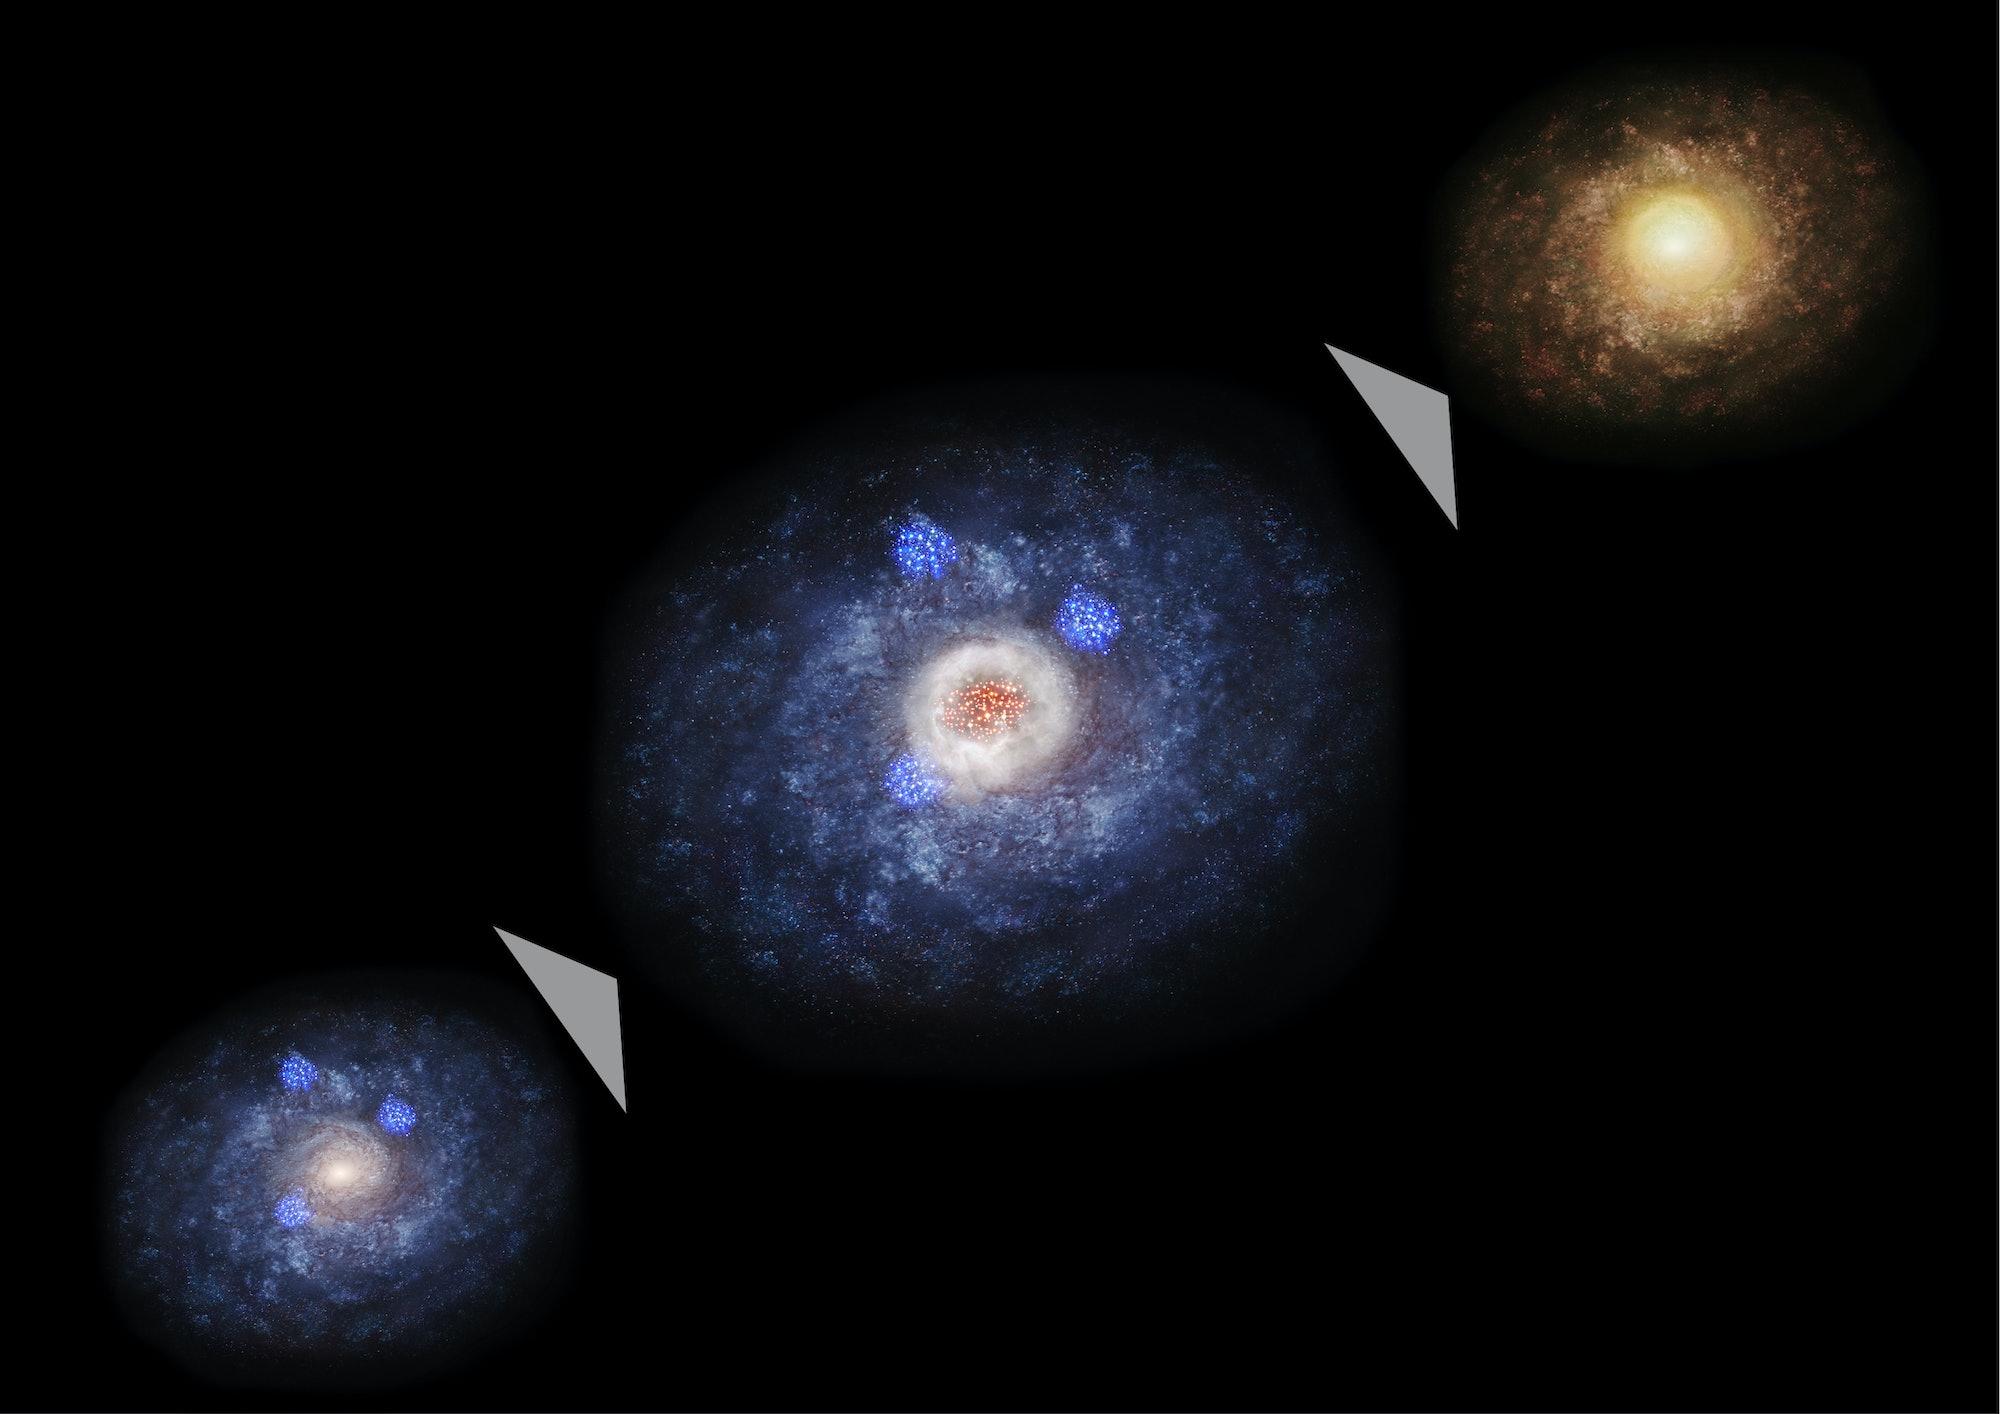 naoj galaxy